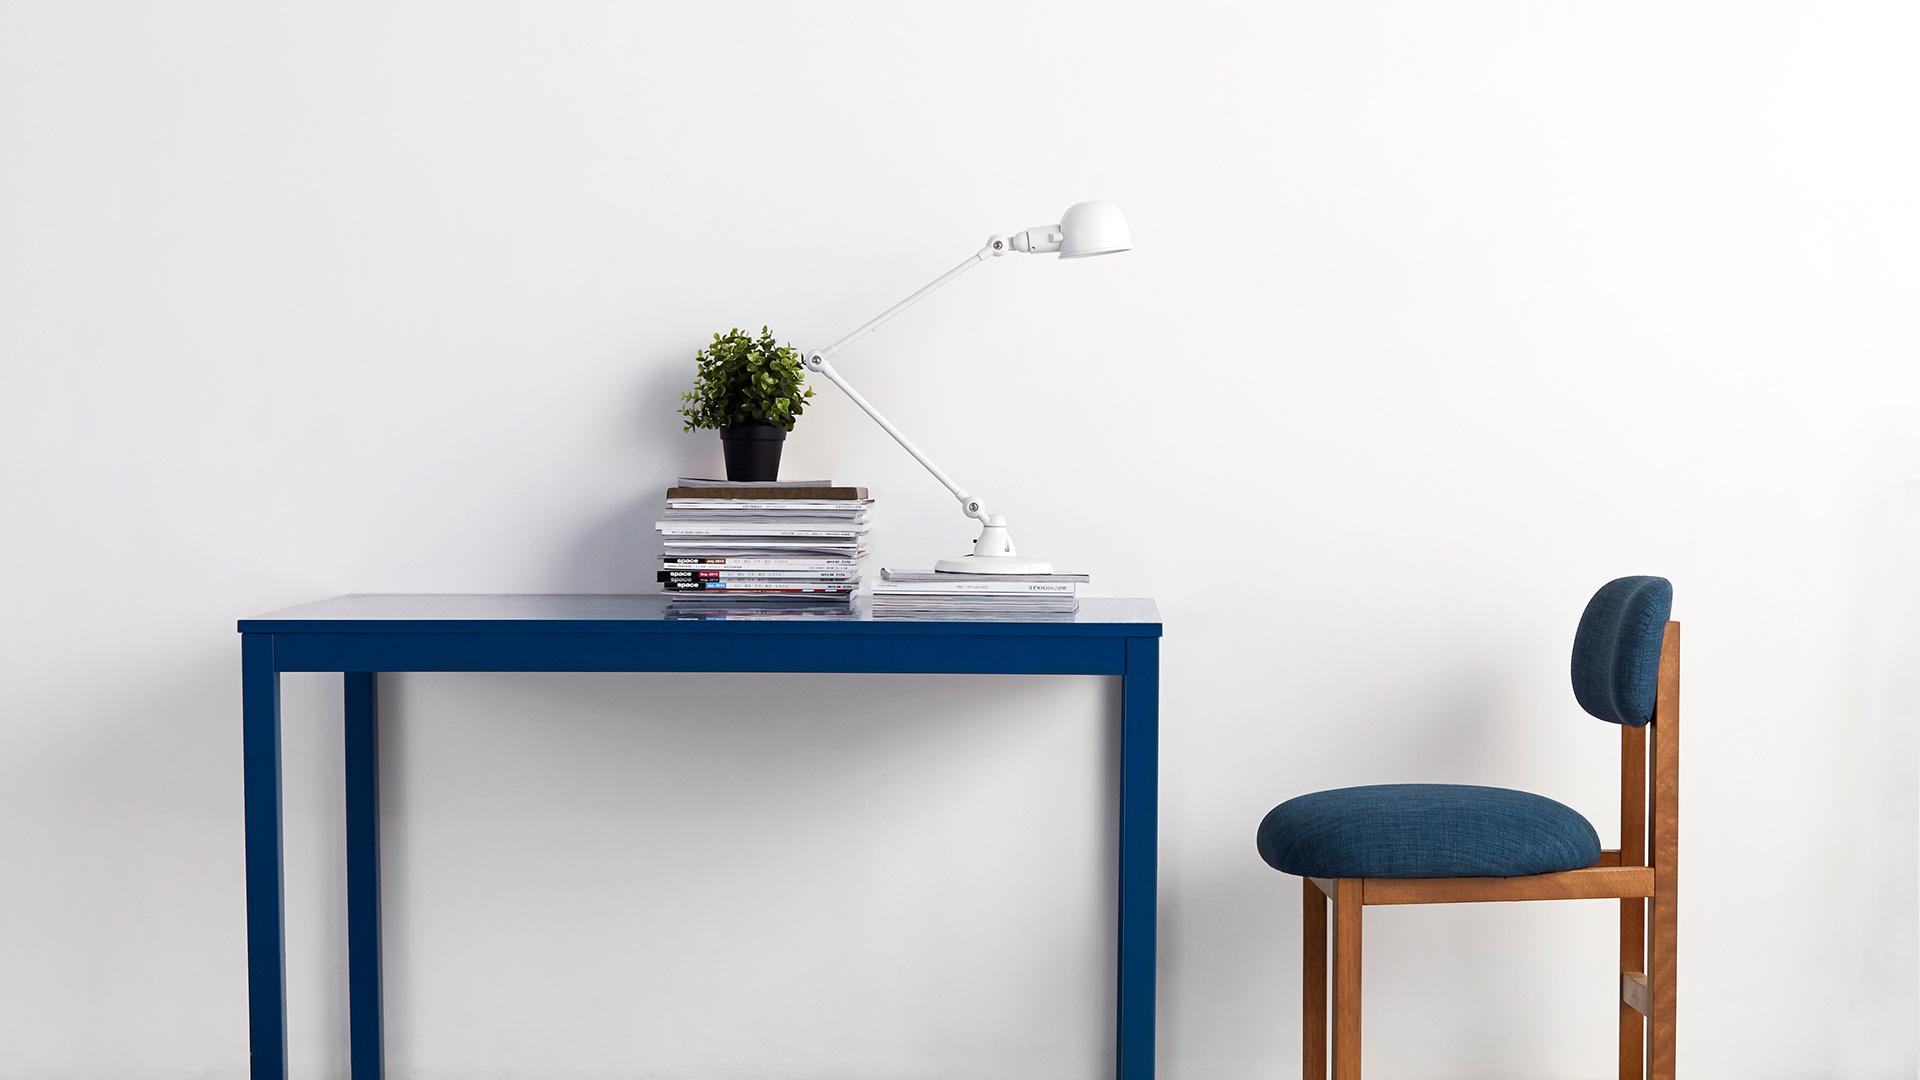 一把可以胜任家中任意功能角色的超舒适座椅,一份来自瑞典设计师 Max Gerthel ,尝试联结中式本土生活,颜值实用性双科满分的答卷。